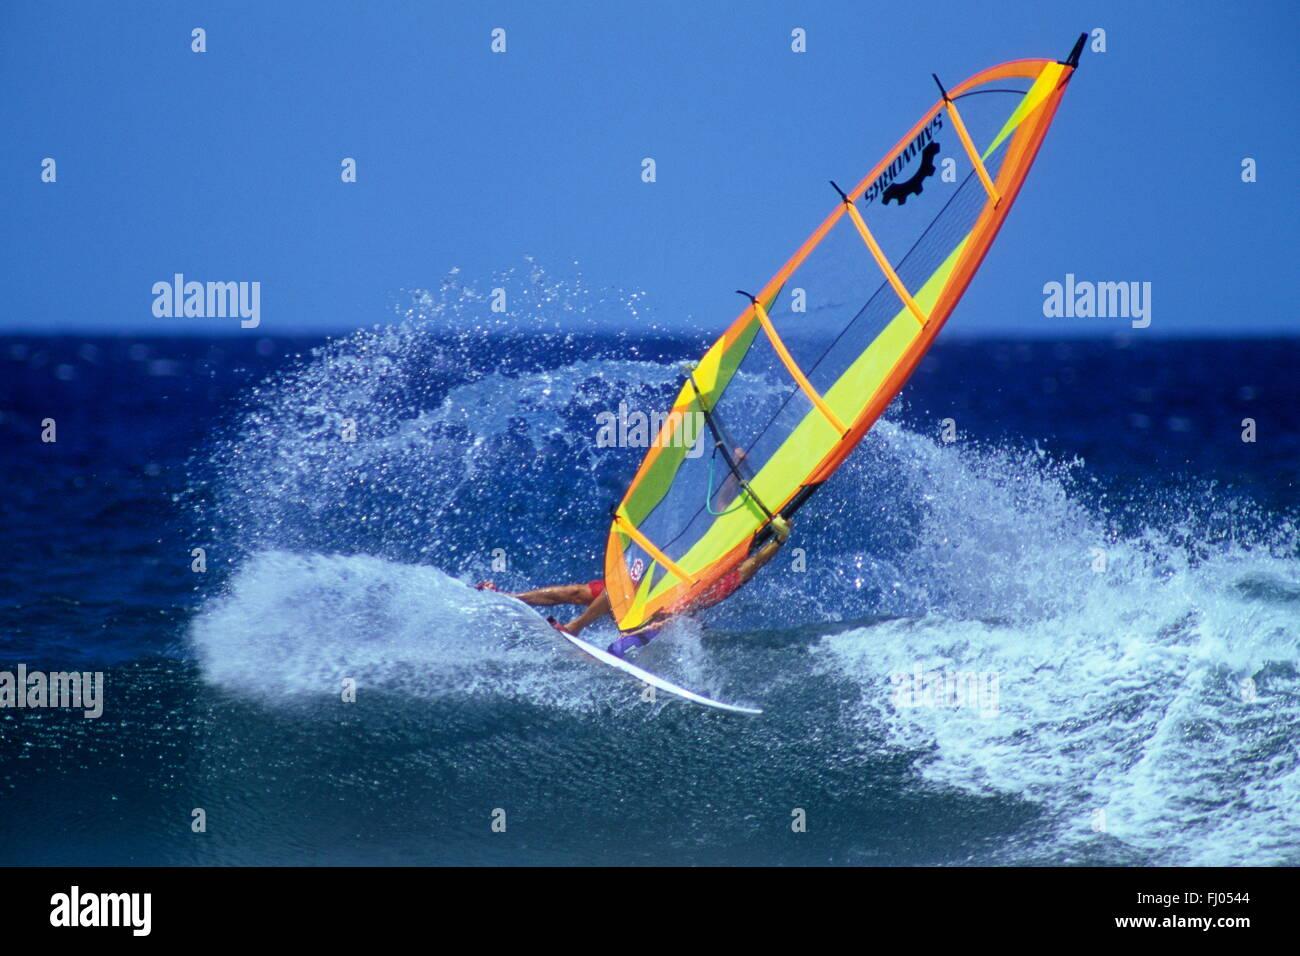 Casi patinando sobre la onda realiza una tabla de windsurf con vela de color amarillo brillante en el Pacífico Imagen De Stock